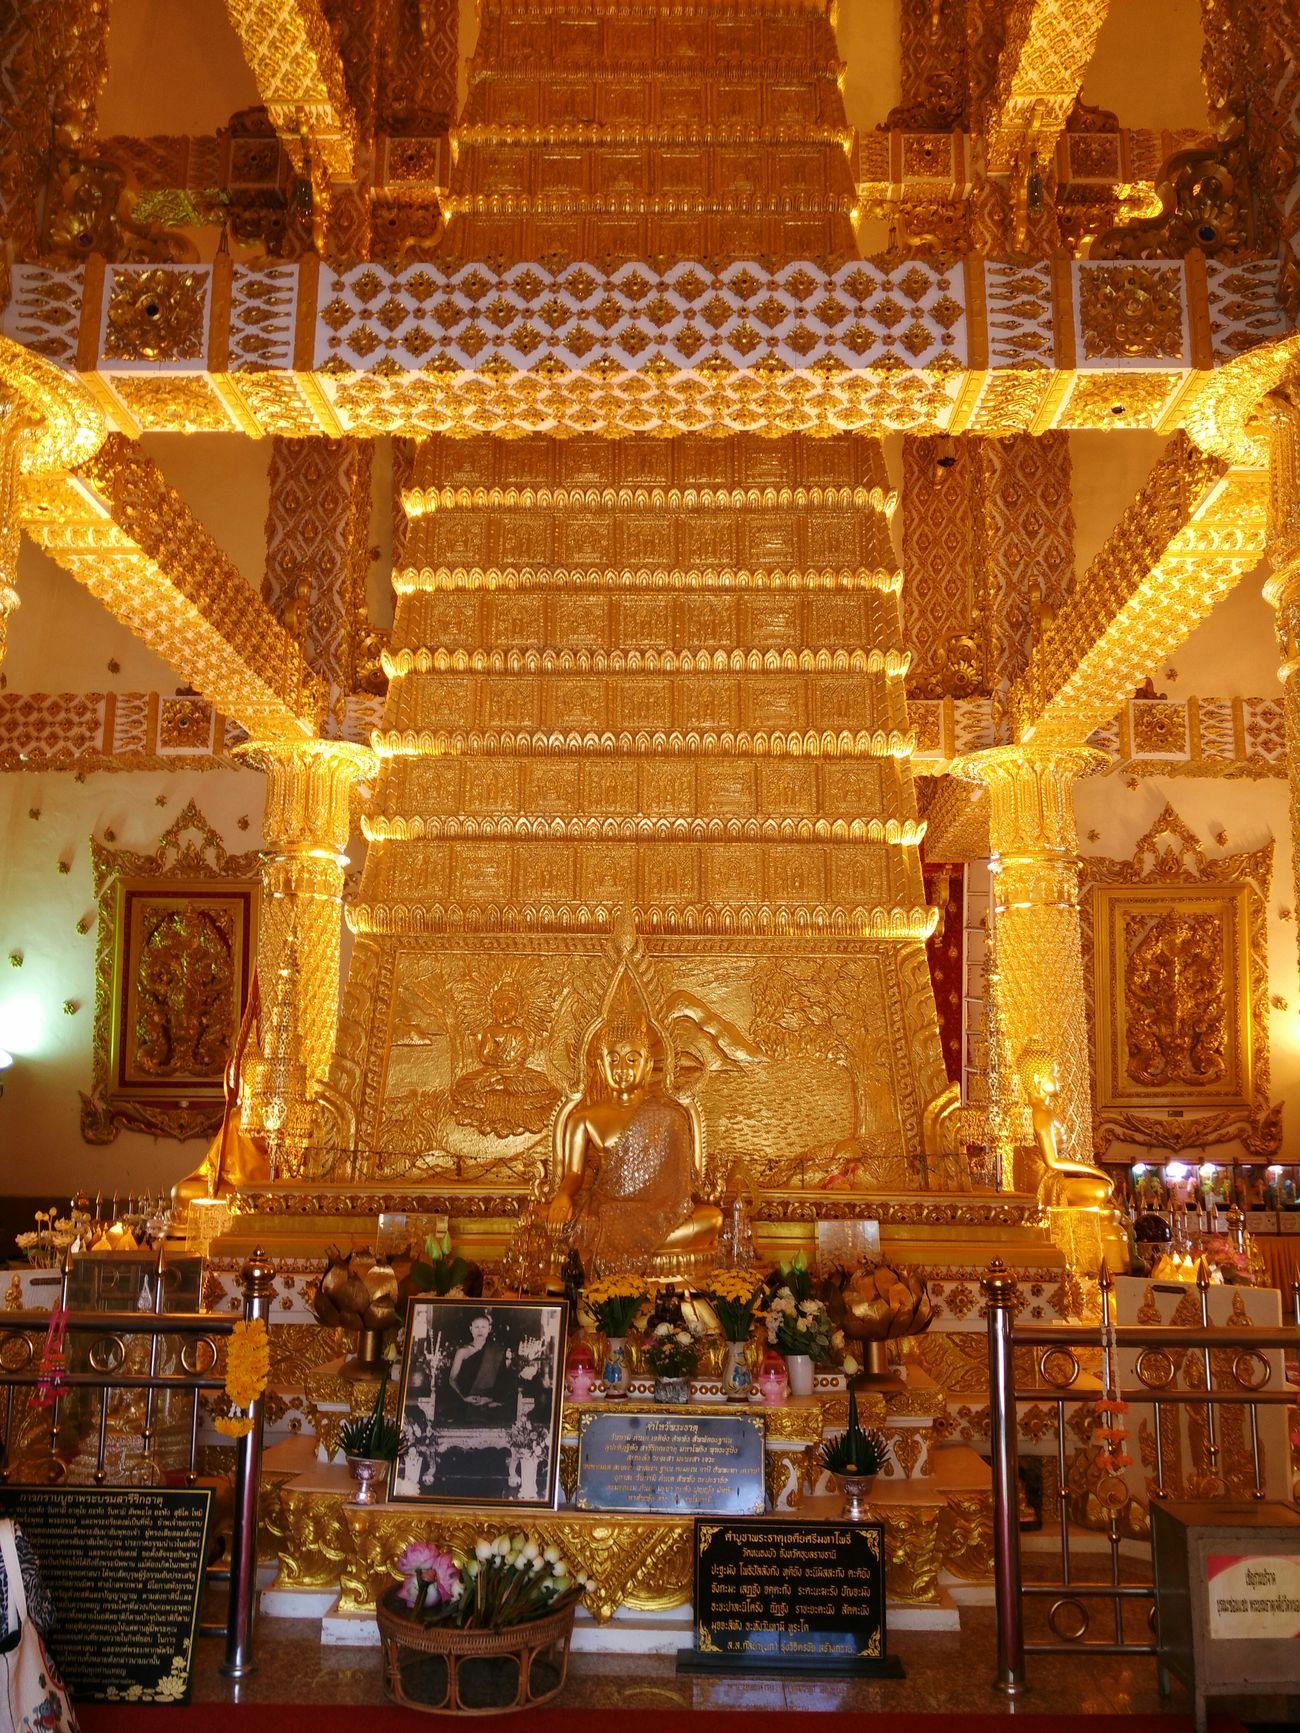 Ubonratchathani ThailandTemple